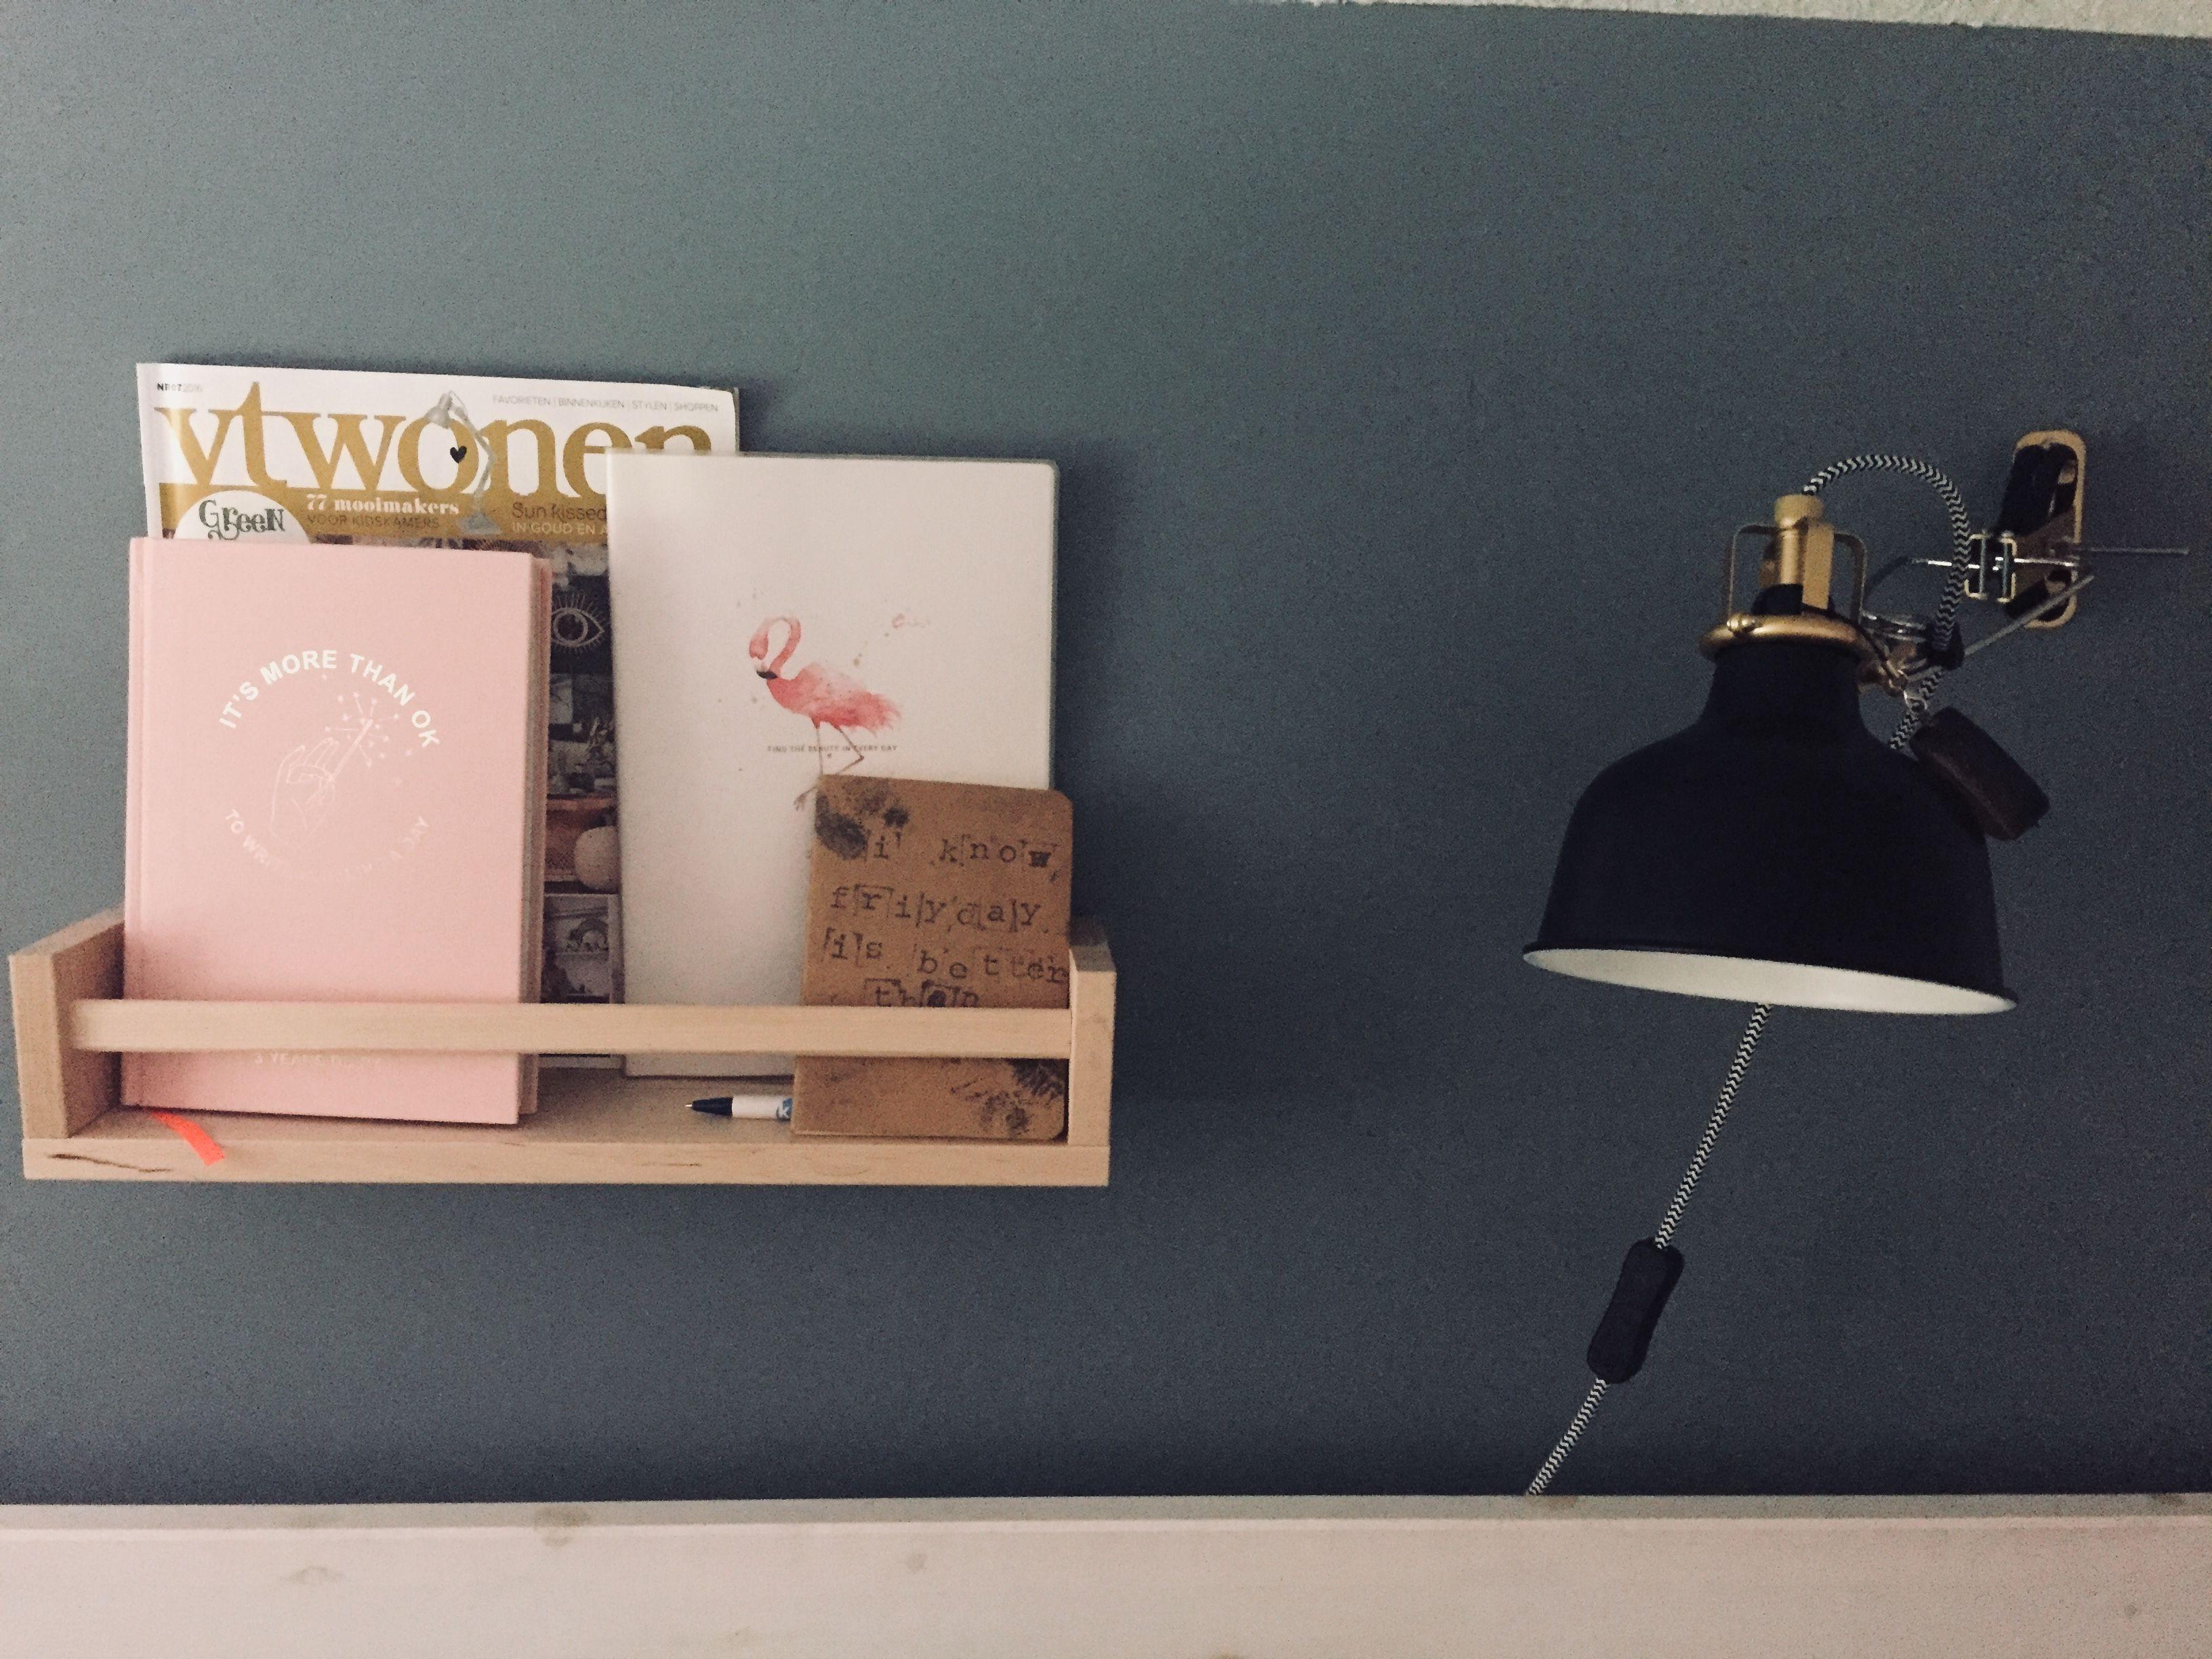 Slaapkamer Lamp Ikea : Slaapkamer ❤ lamp: ikea houten plankje: ikea tijdschrift: vtwonen